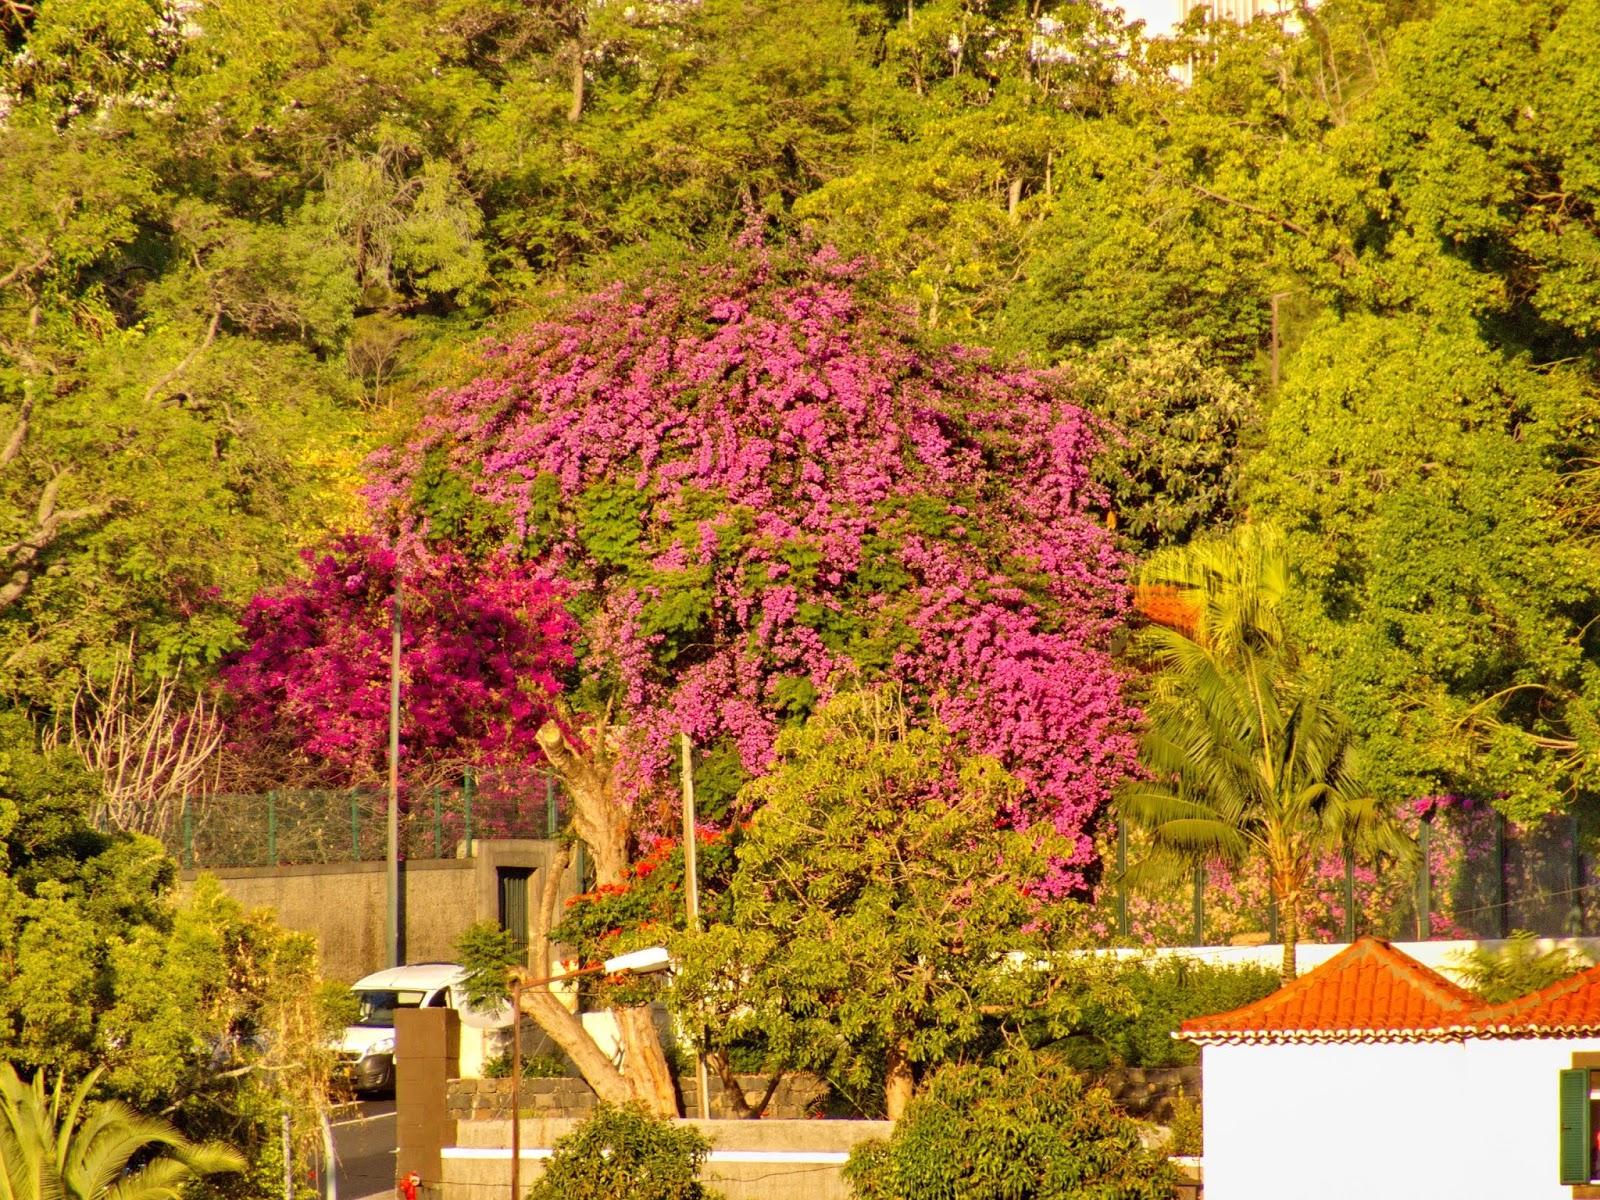 flores entre as árvores